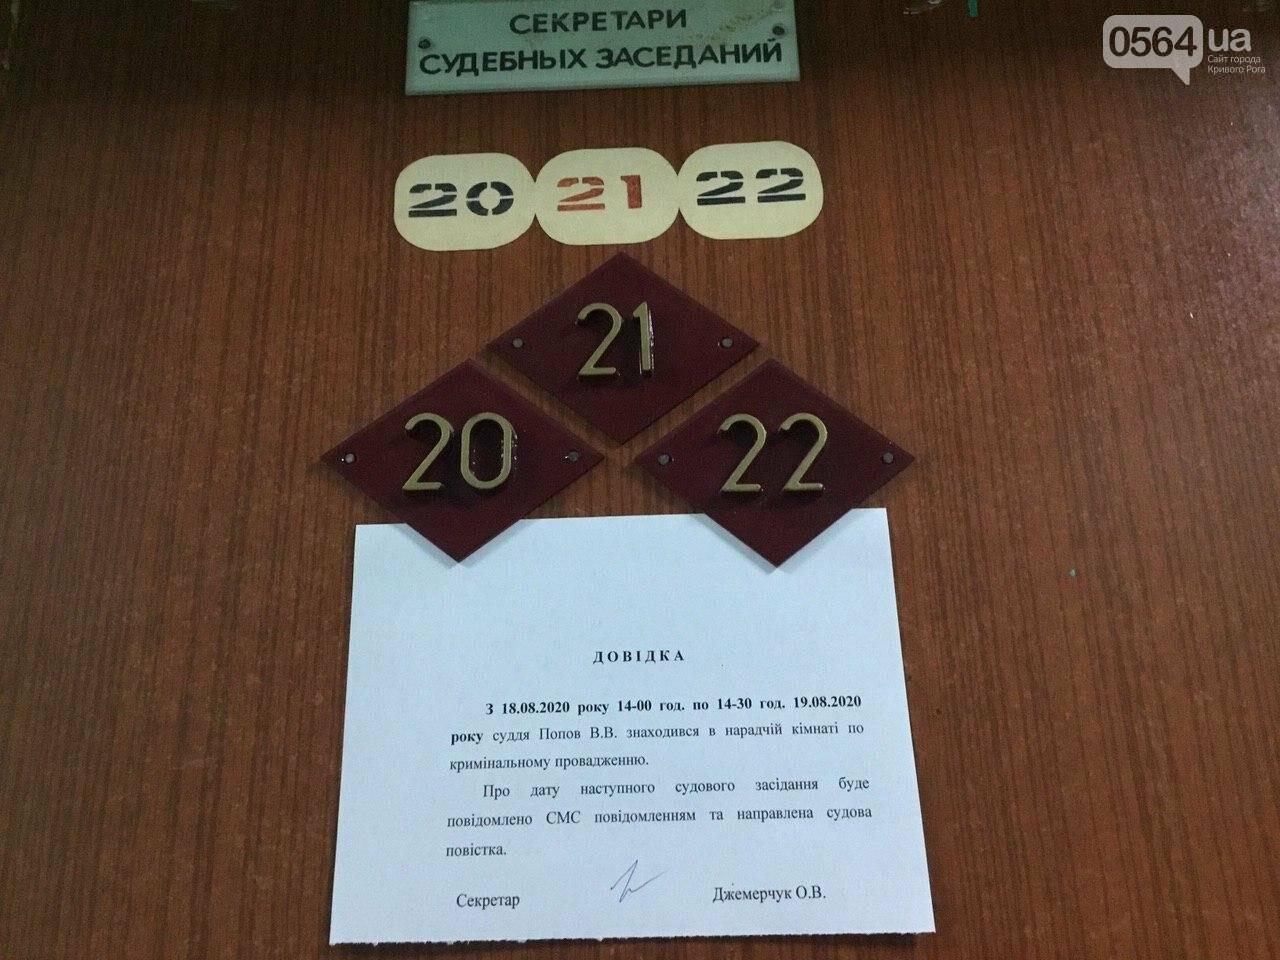 Иск против Российской Федерации в Кривом Роге: заседание не состоялось, судья на сутки удалился в совещательную комнату, - ФОТО, ВИДЕО, фото-1